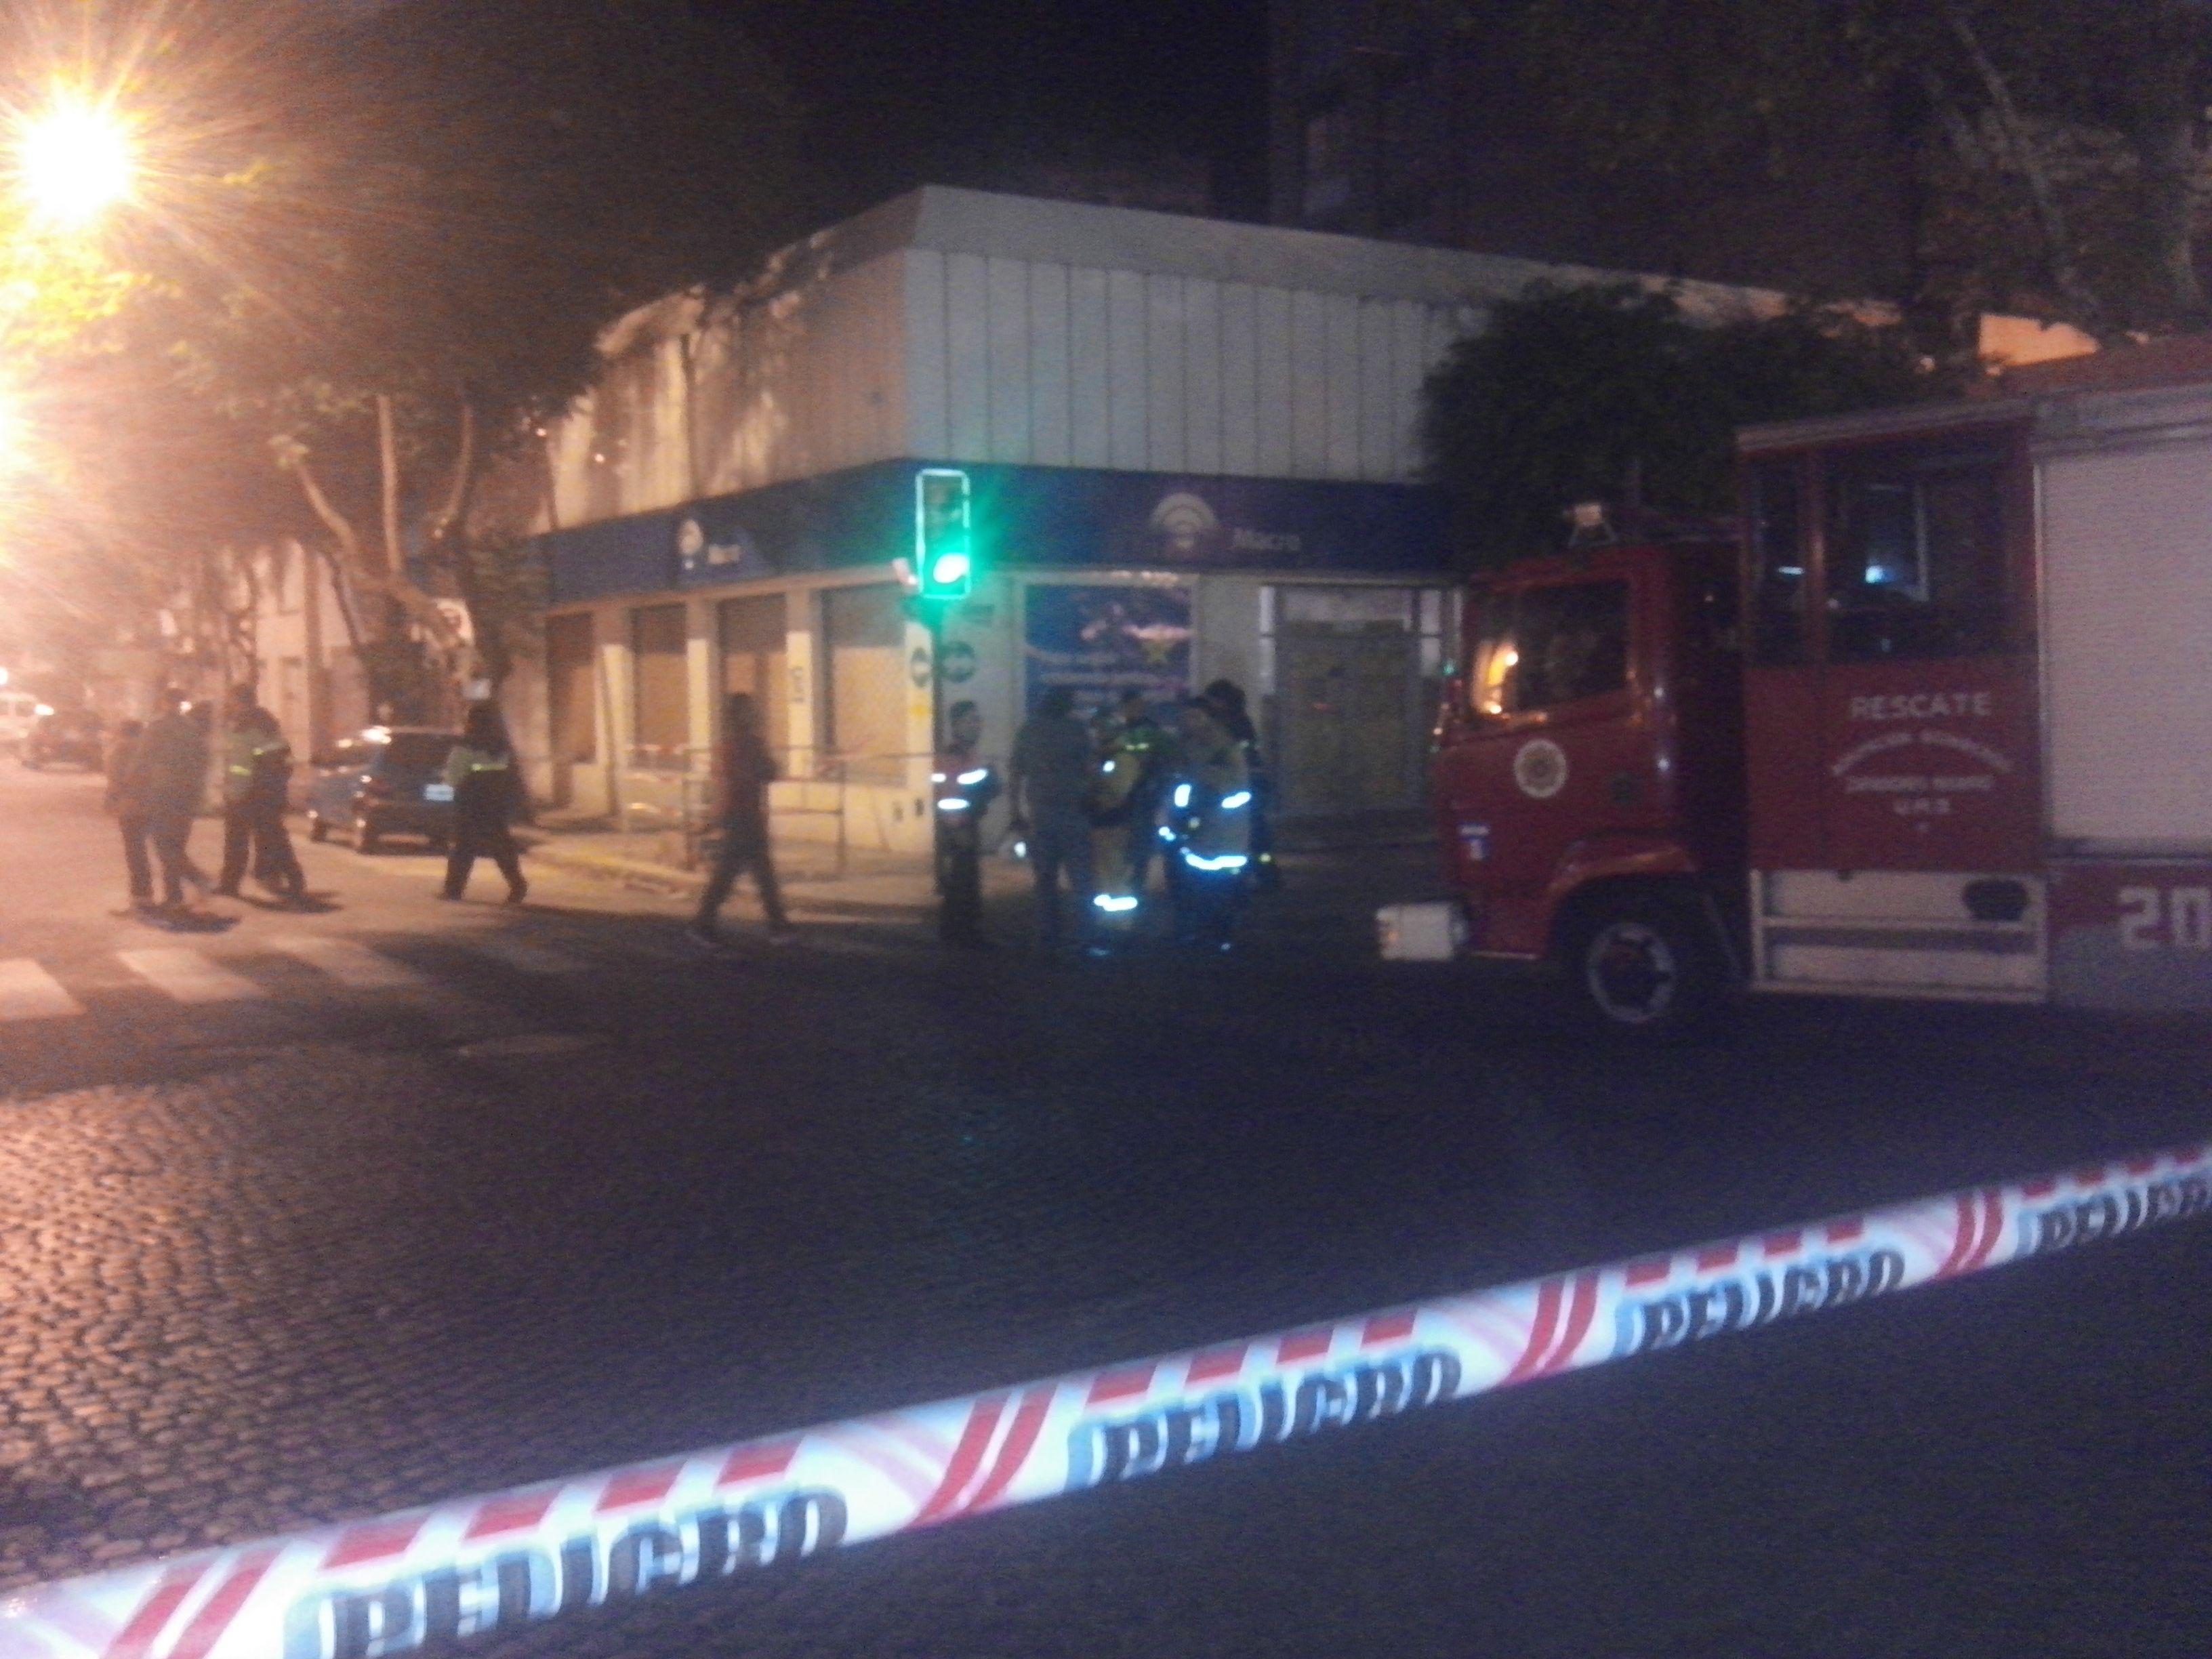 El tránsito fue cortado por un fuyerte olor a gas. (Foto: S. Suárez Meccia)